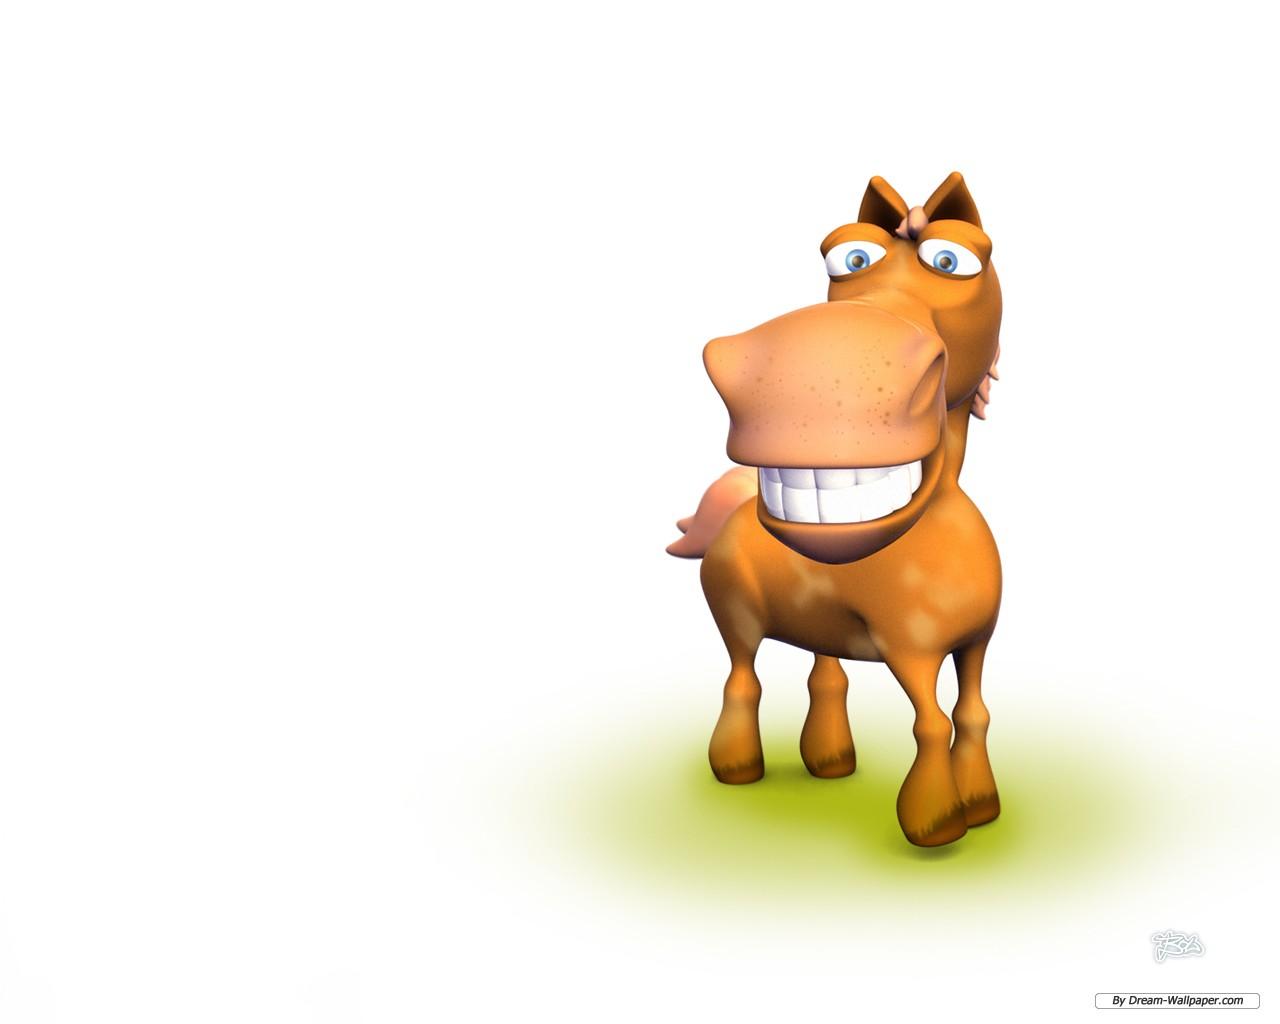 Cartoon wallpaper   3d Funny Animals wallpaper   1280x1024 wallpaper 1280x1024